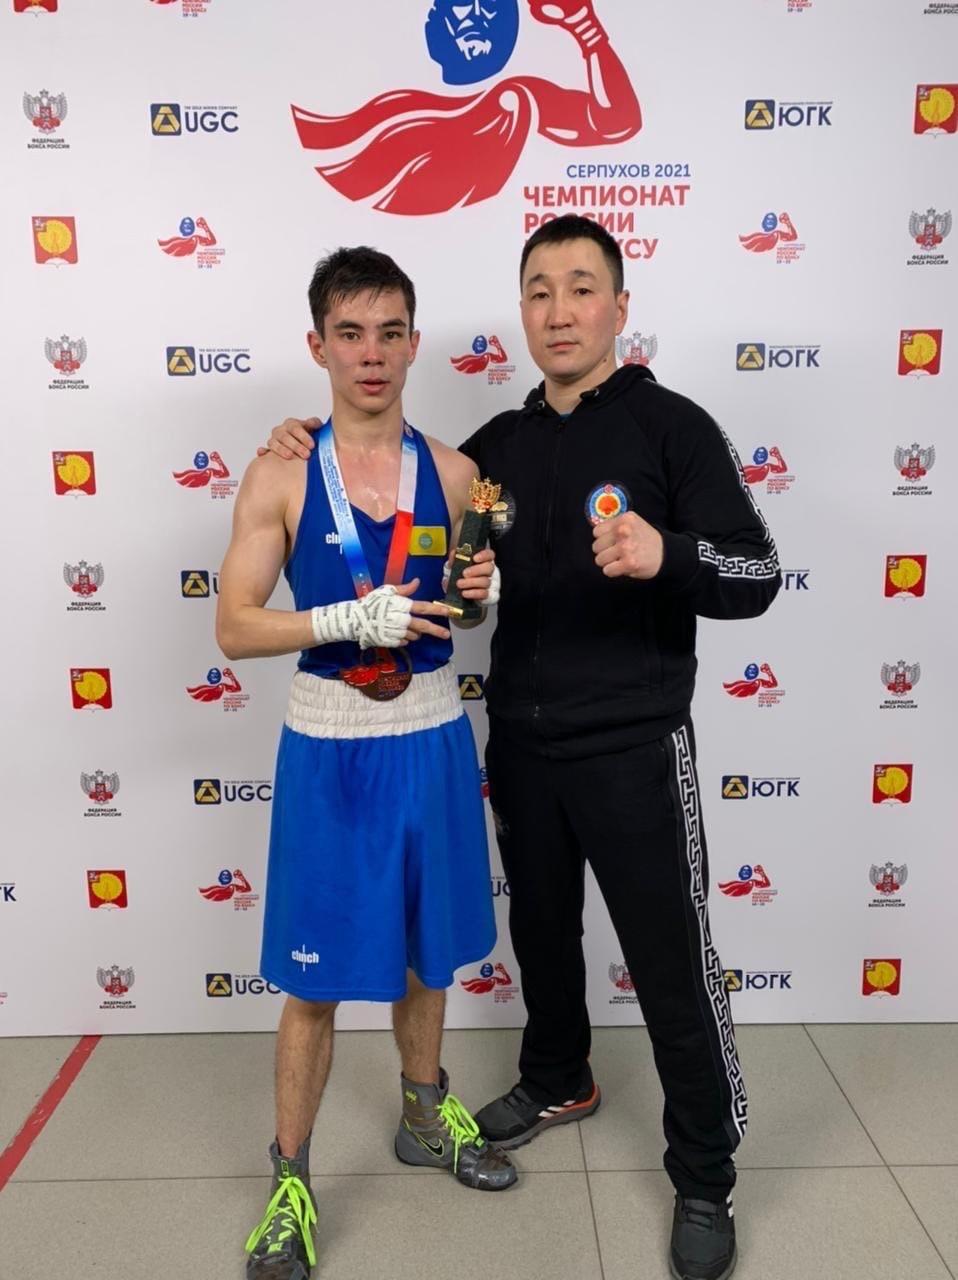 Богдан Ильзитинов - бронзовый призер молодёжного чемпионата России